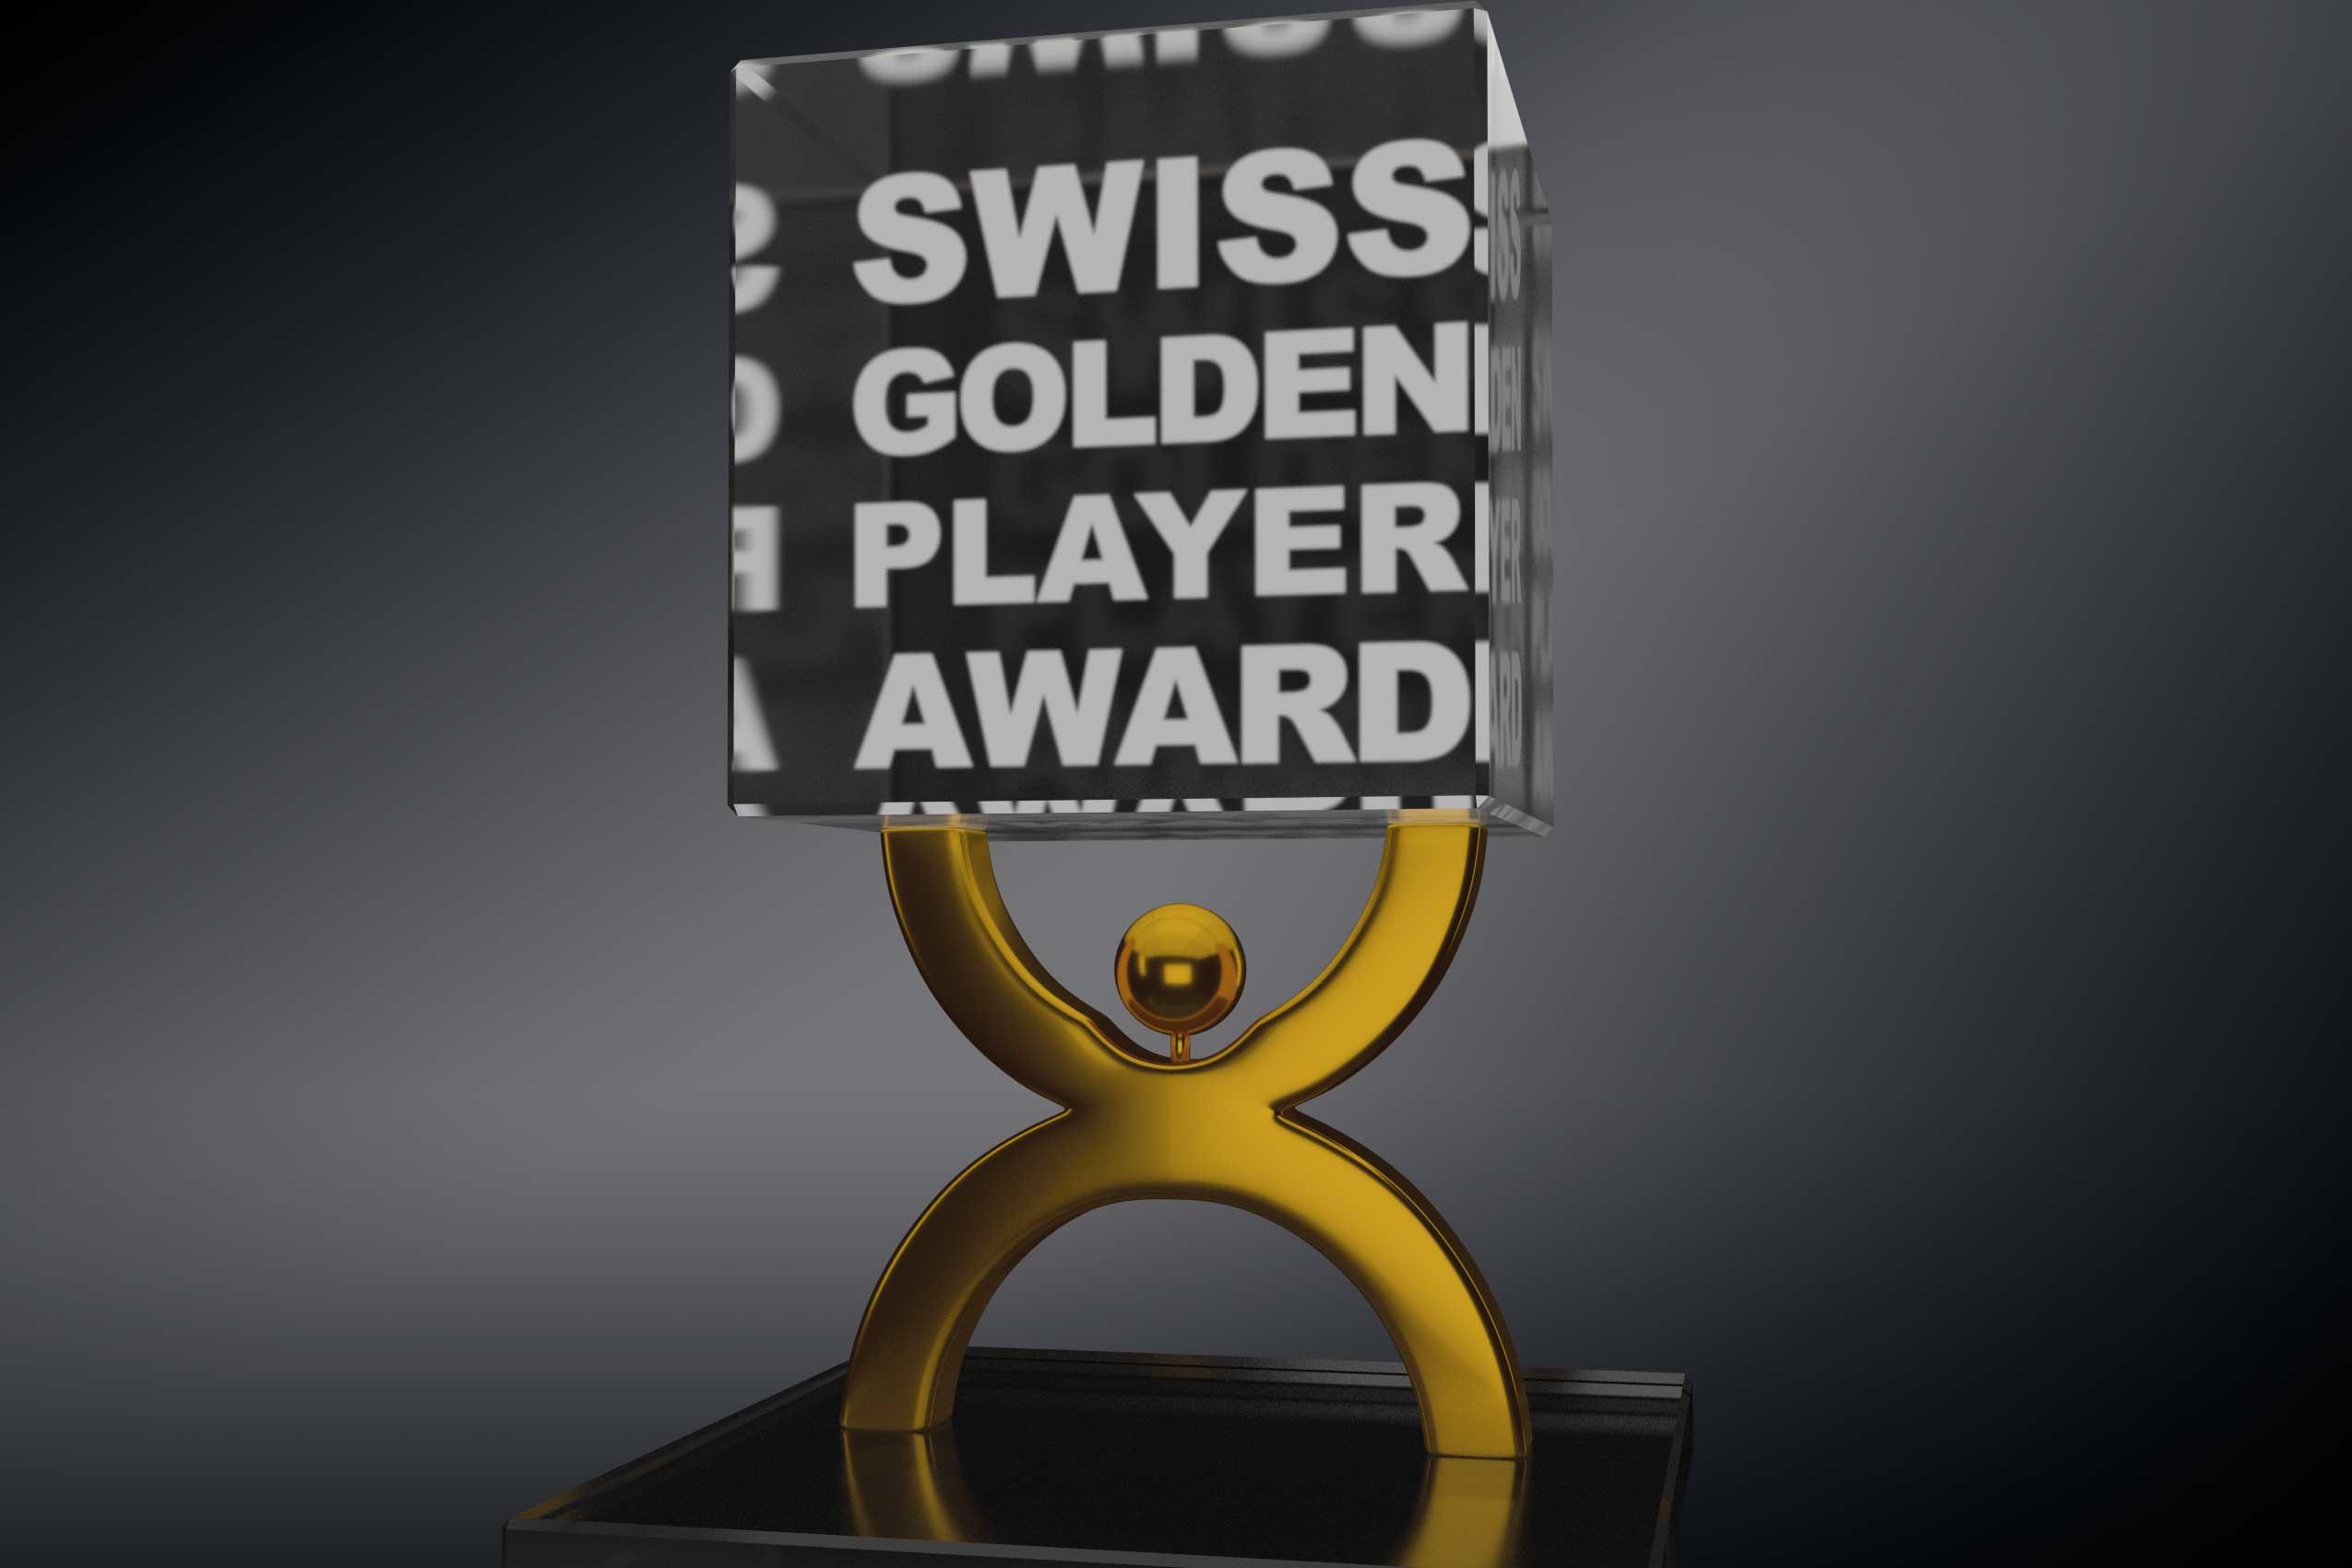 Swiss Golden Player Award 2015